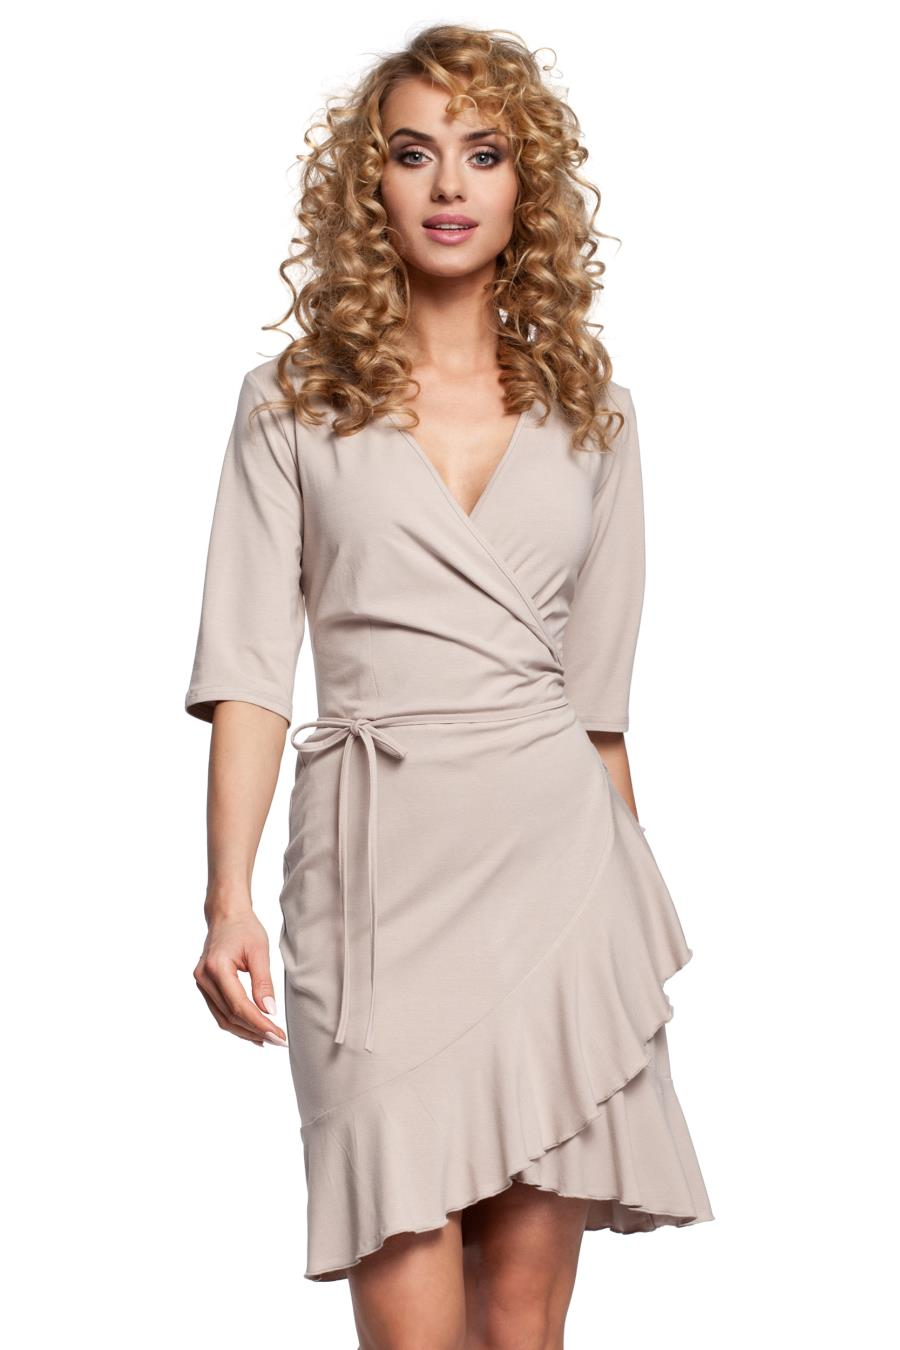 52cf9673b024c0 sukienki, dzienne, beżowe, letnie, zakładką, sklep, online, besima ...